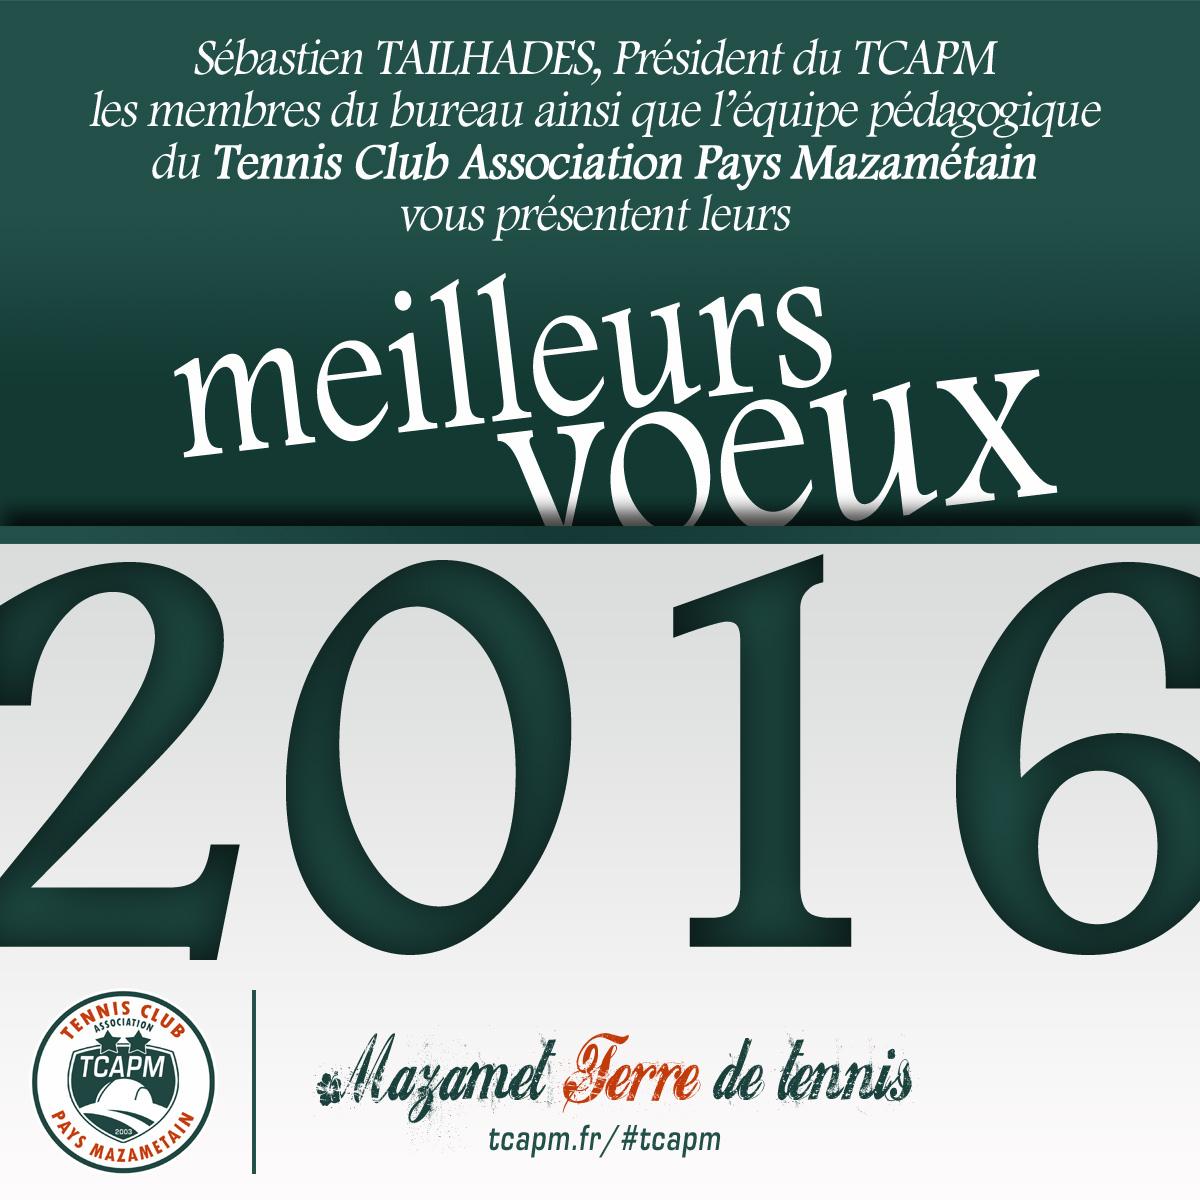 TCAPM - Voeux 2016